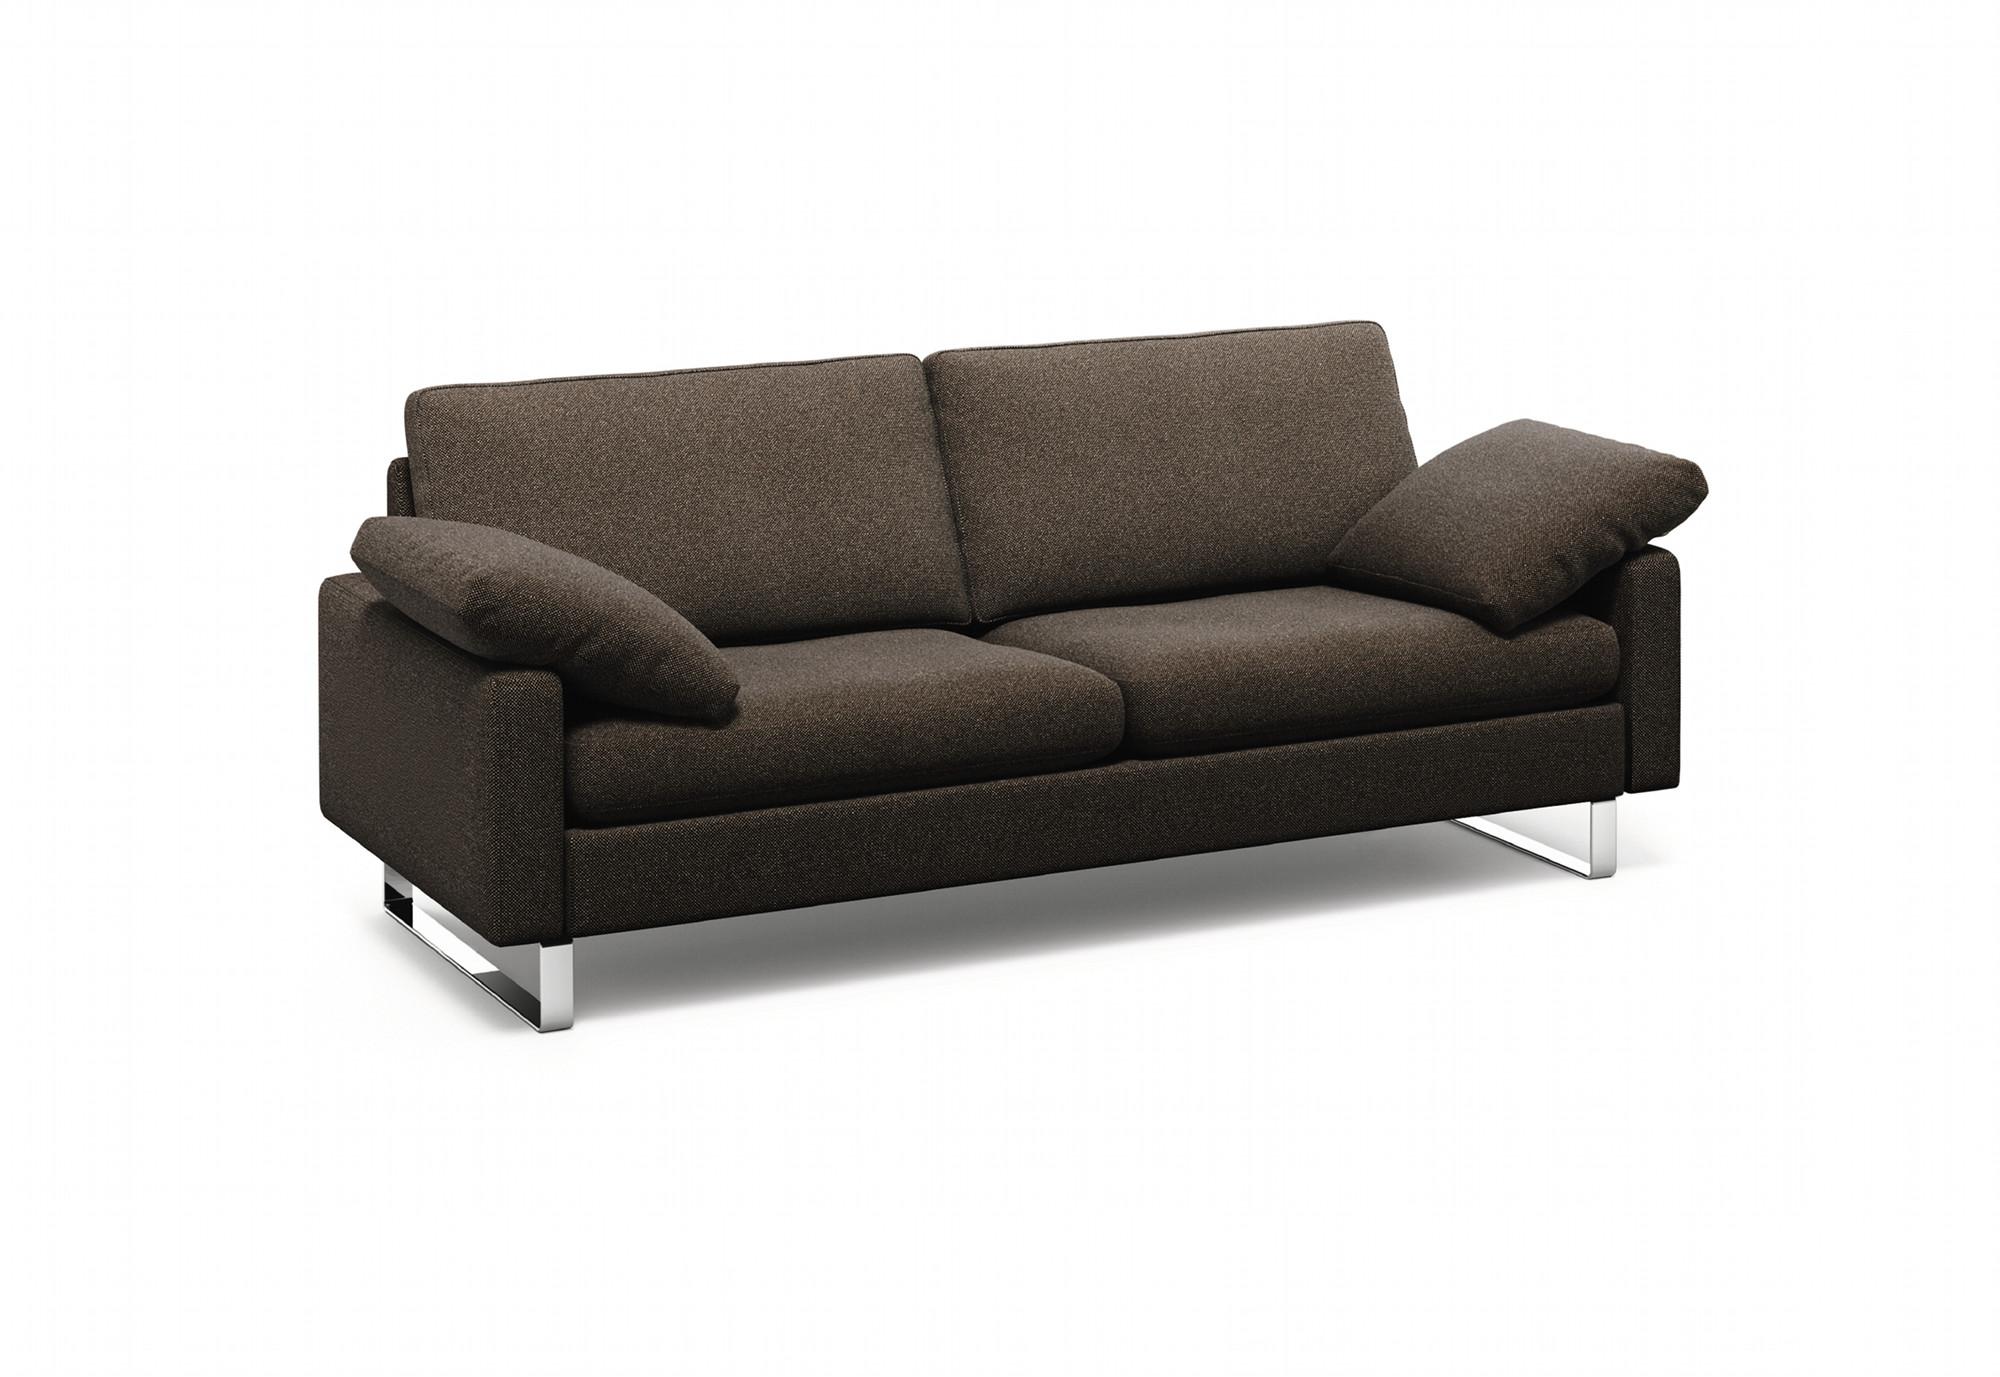 cor sofa bed. Black Bedroom Furniture Sets. Home Design Ideas